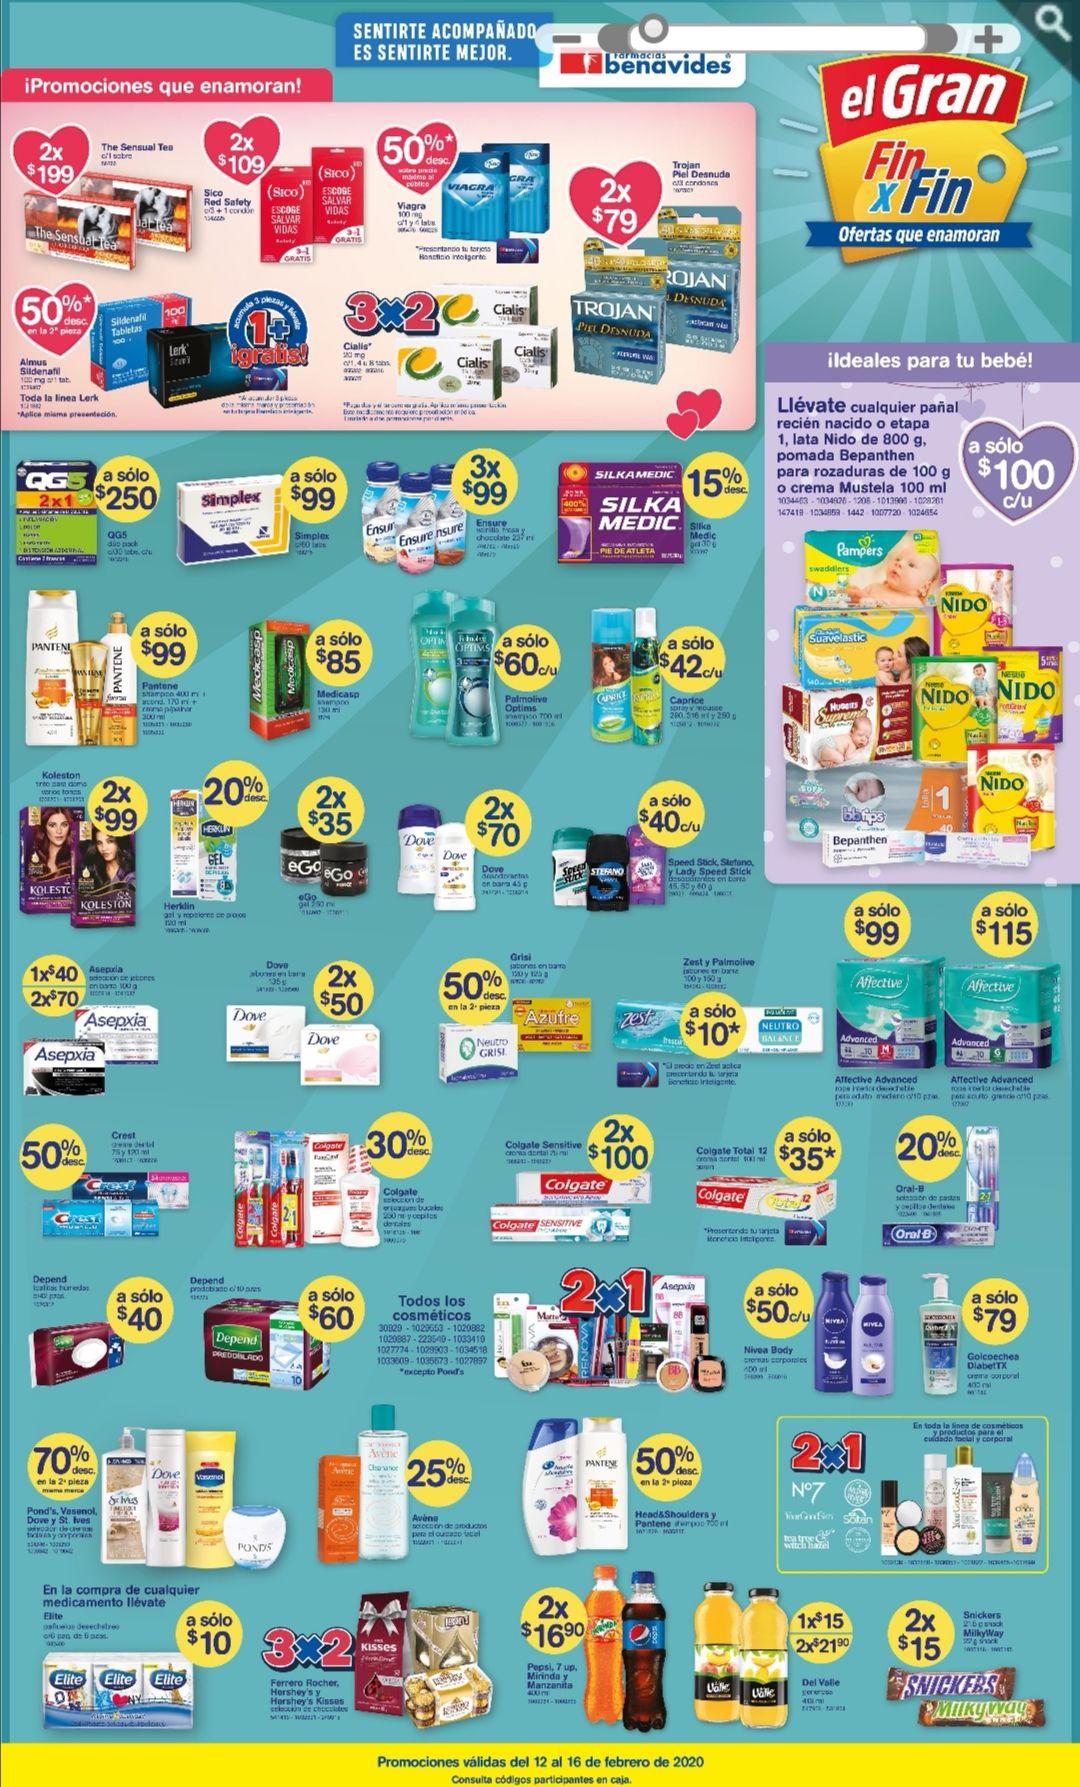 Farmacias Benavides: Ofertas Día del Amor y la Amistad del Miércoles 12 al Domingo 16 de Febrero